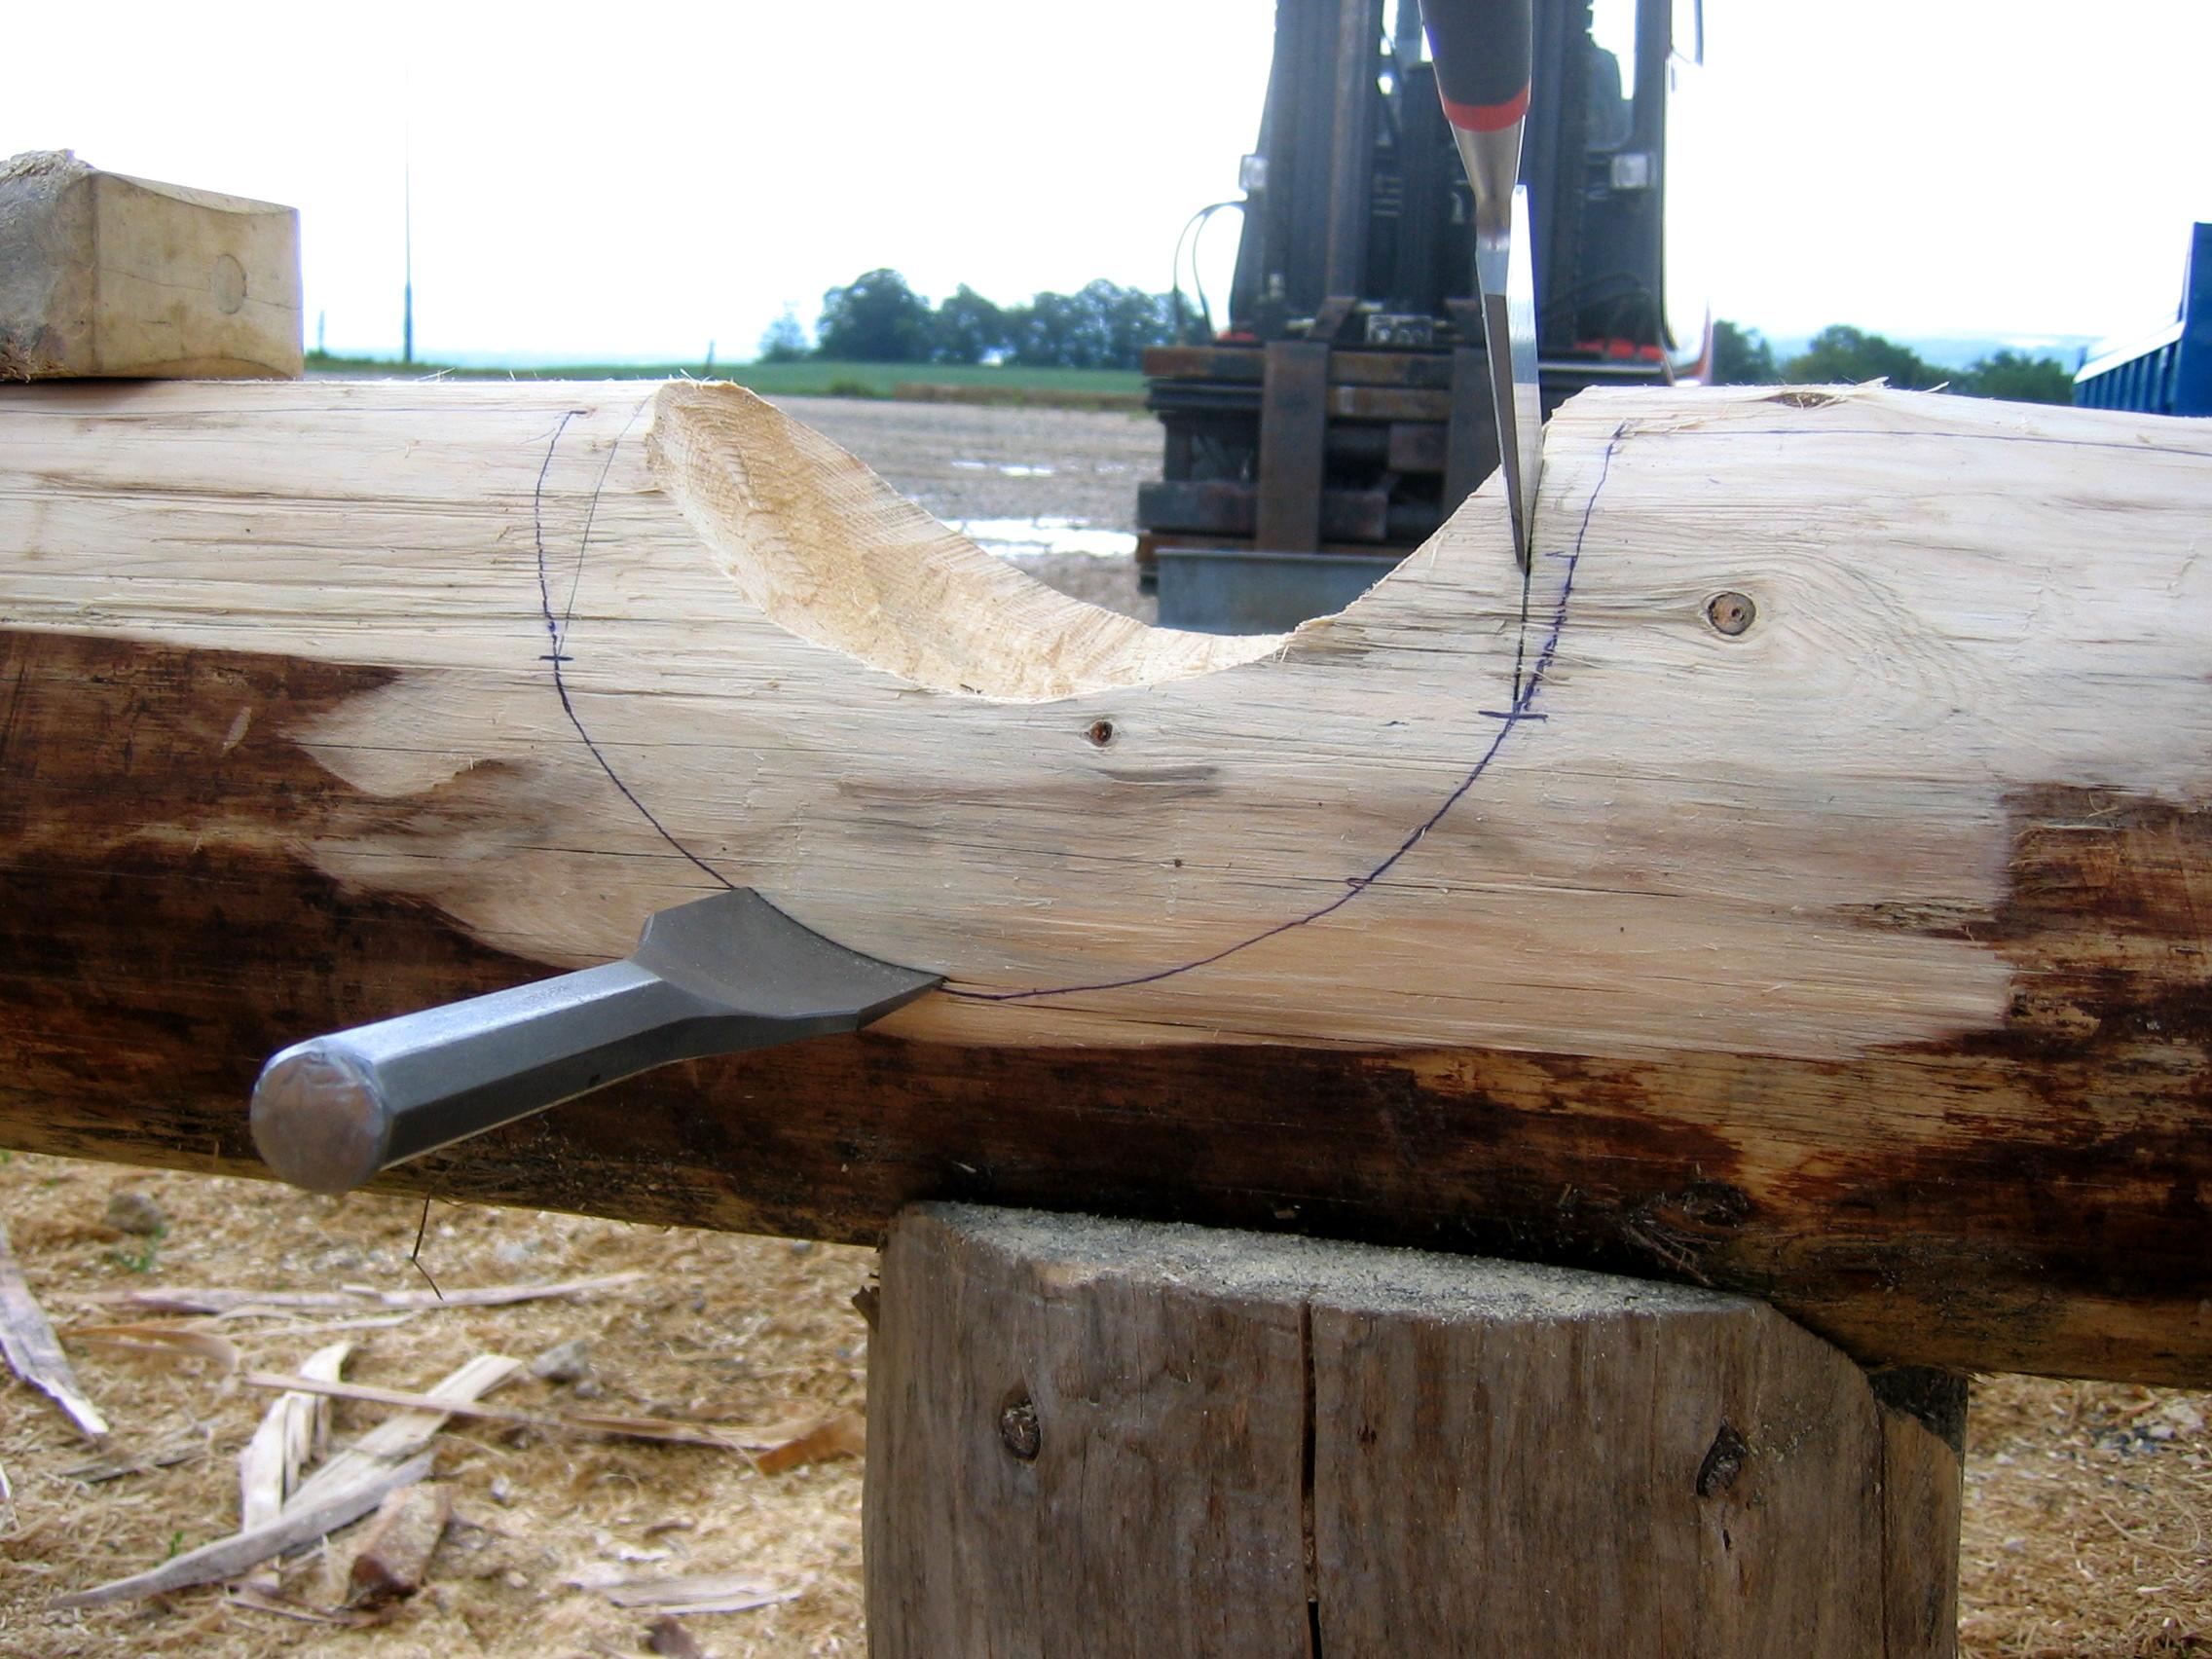 Un ciseau est utilisé pour que les fibres ne s'arrachent pas